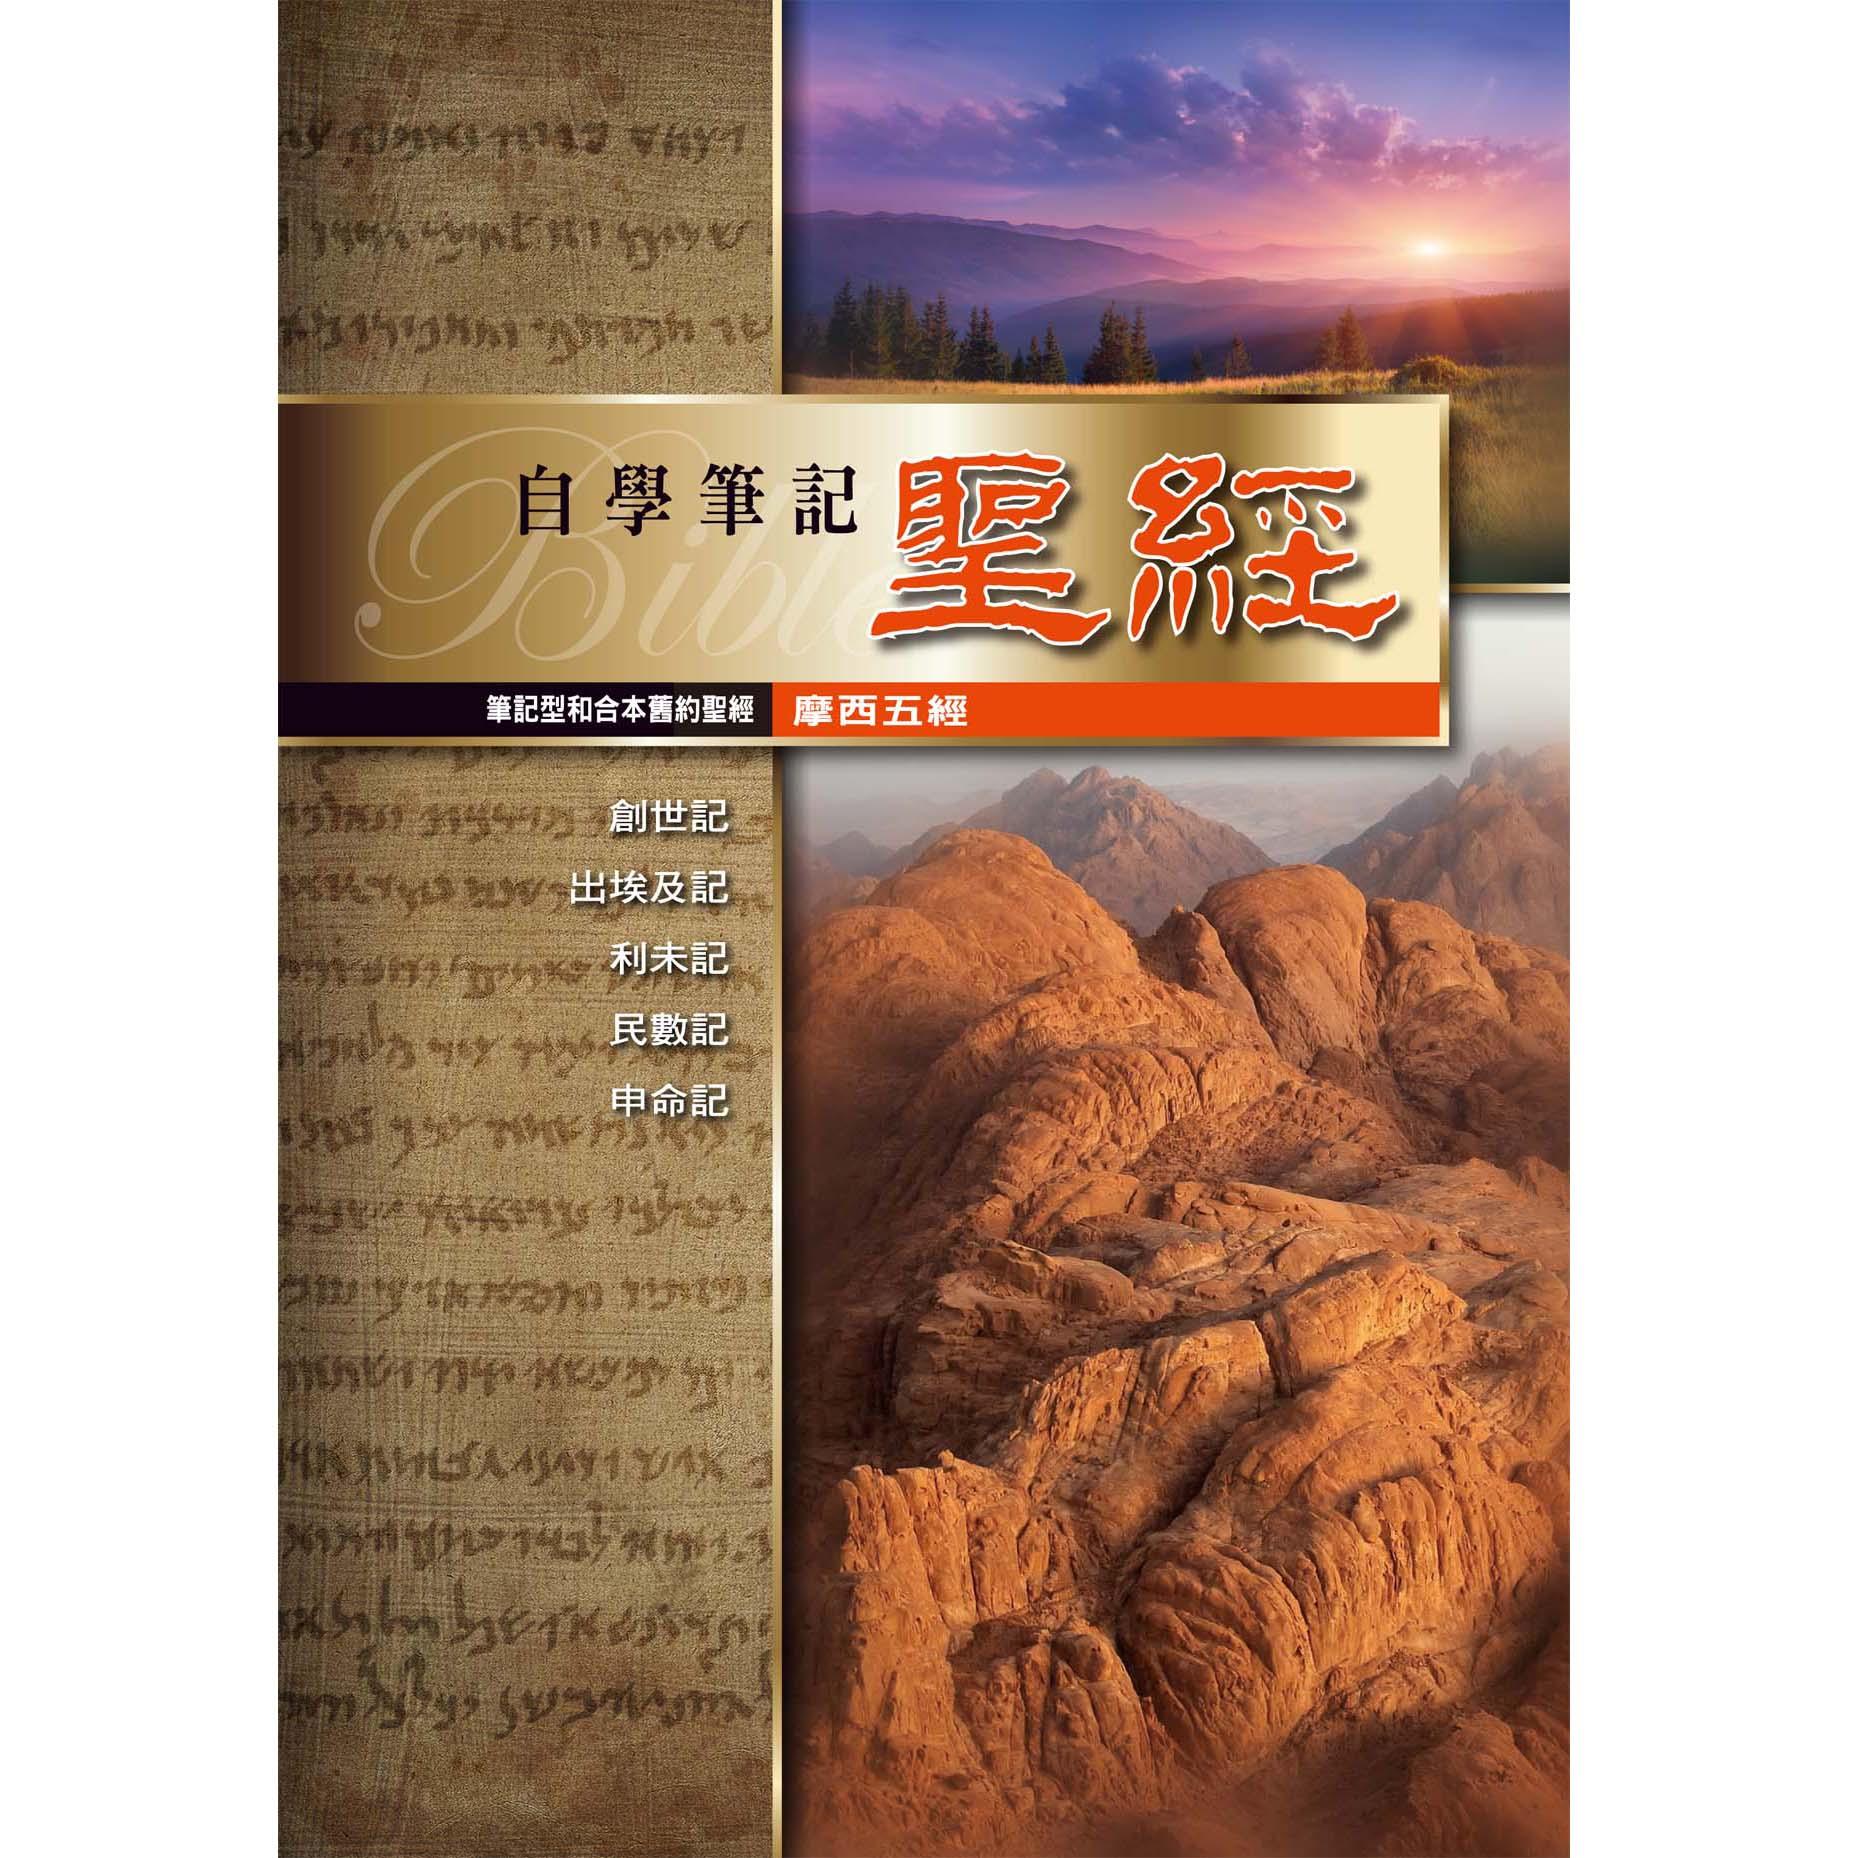 筆記聖經(摩西五經)